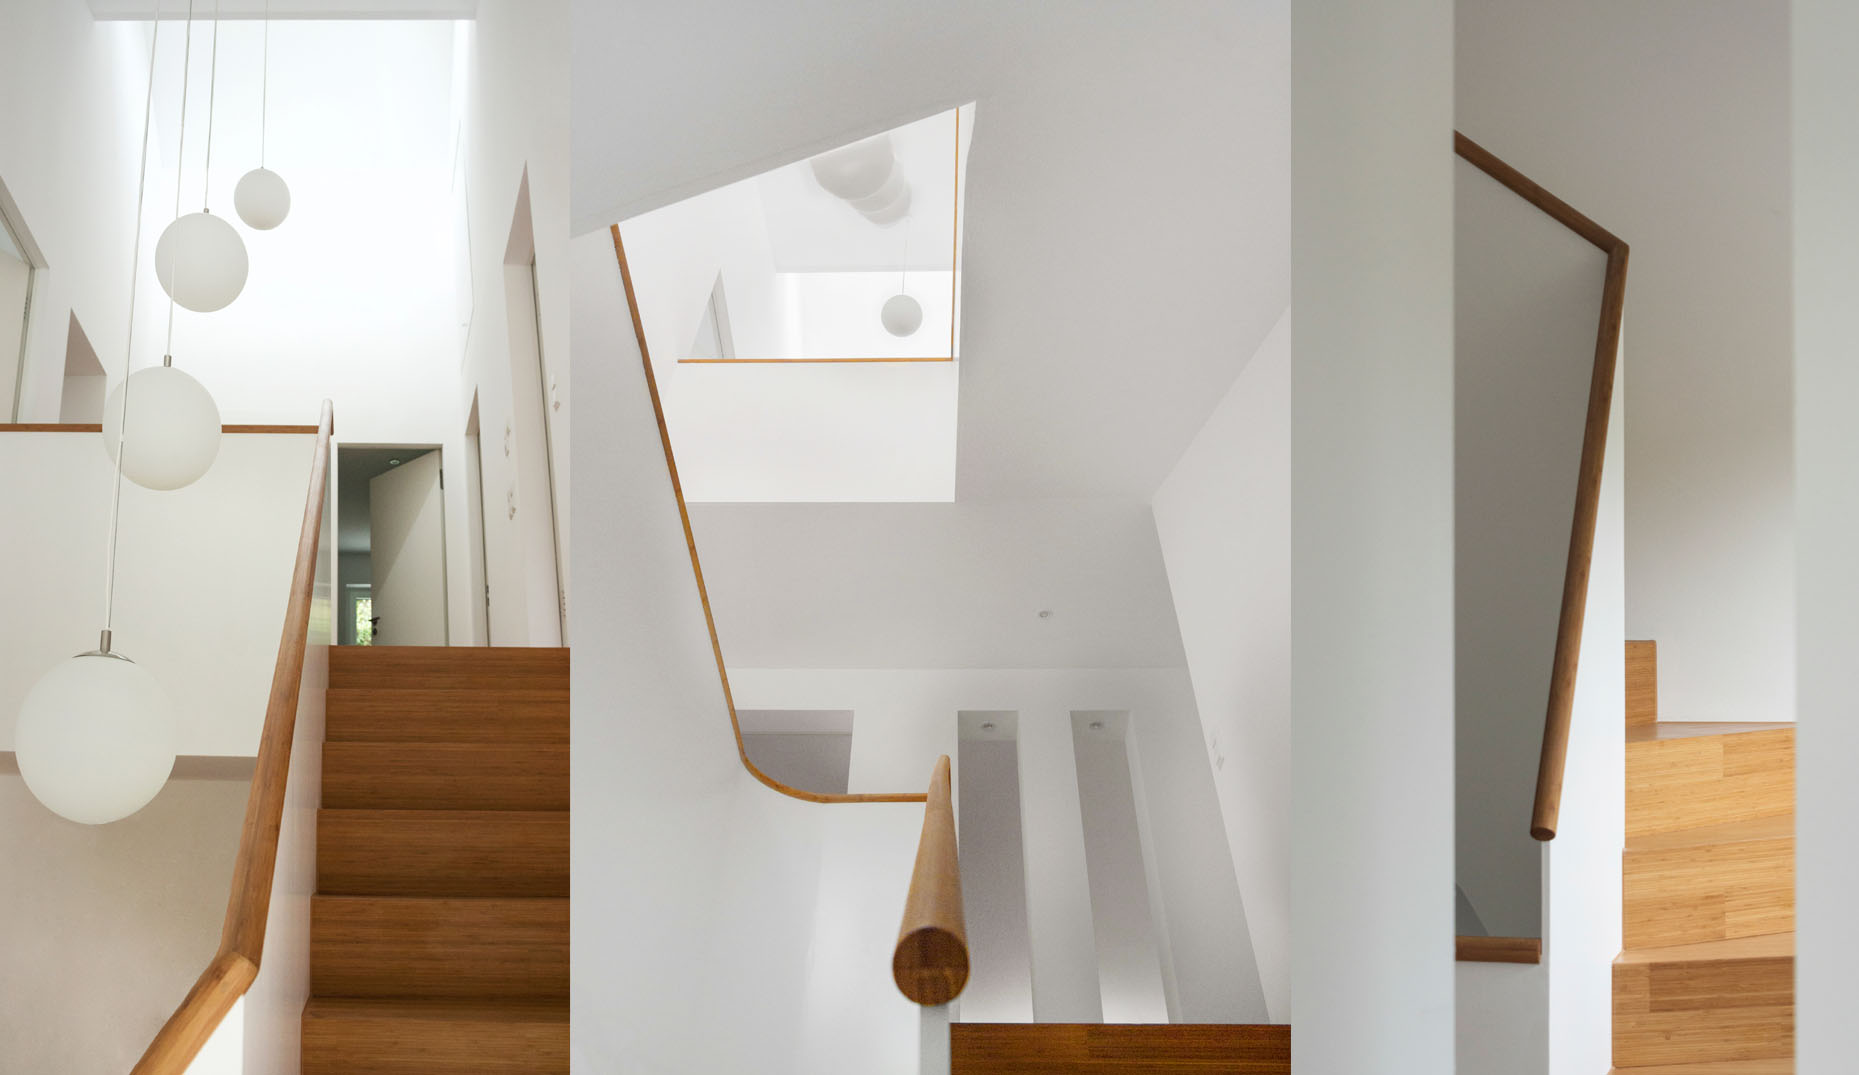 Eine neue Treppe aus Echtholz mit geschwungenen Linien in einem Altbau